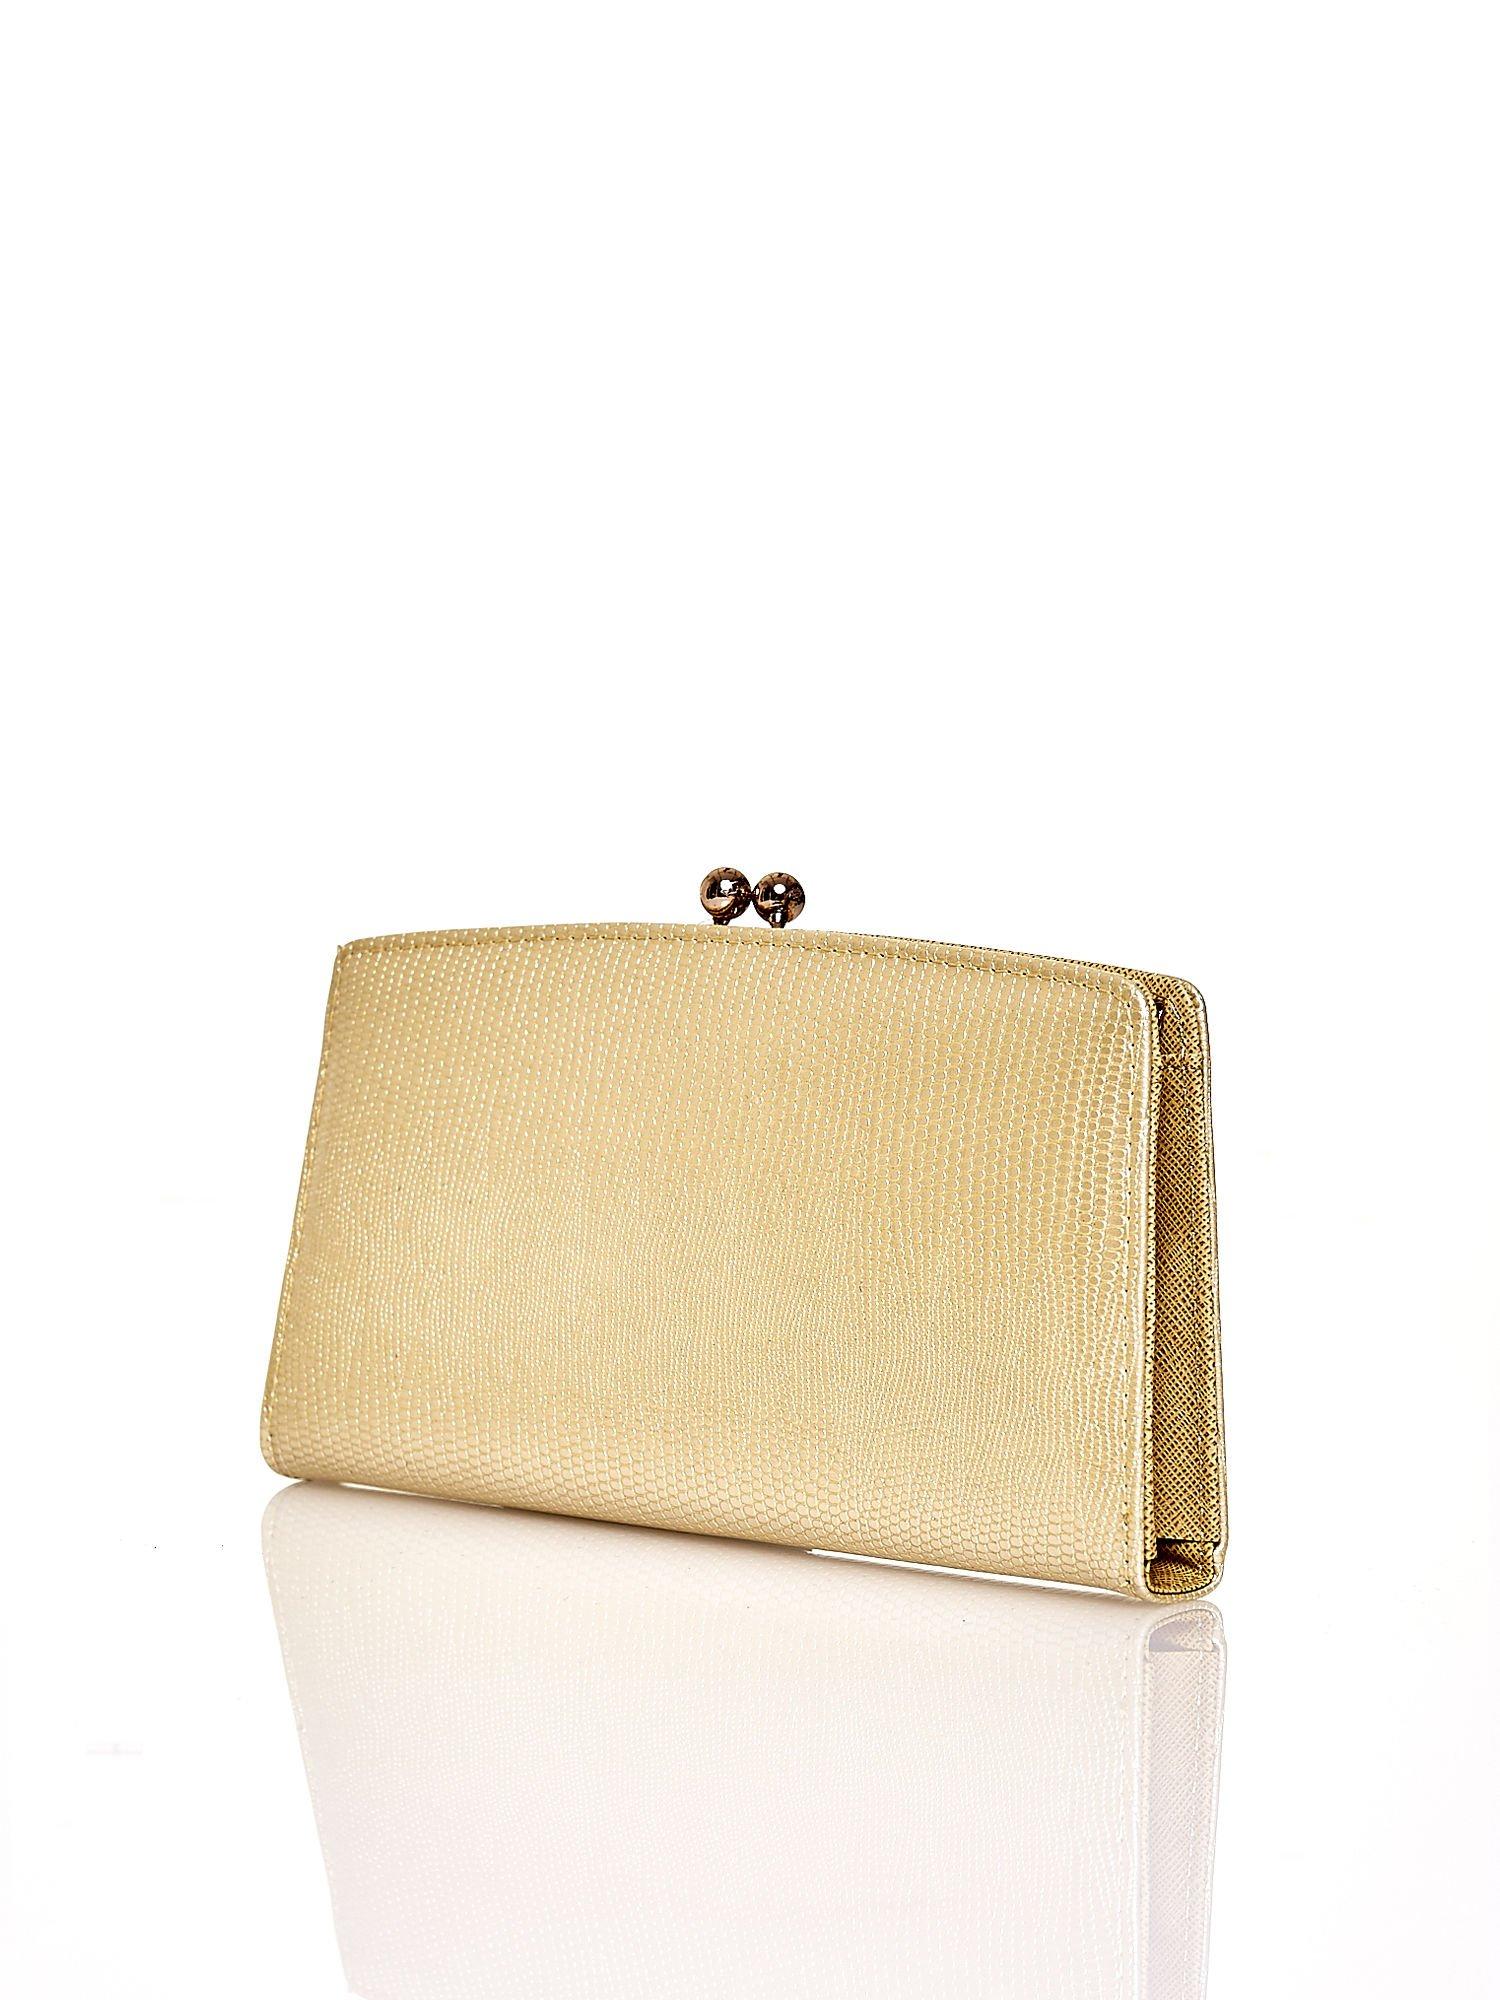 Złoty portfel z motywem skóry węża z biglem                                  zdj.                                  2